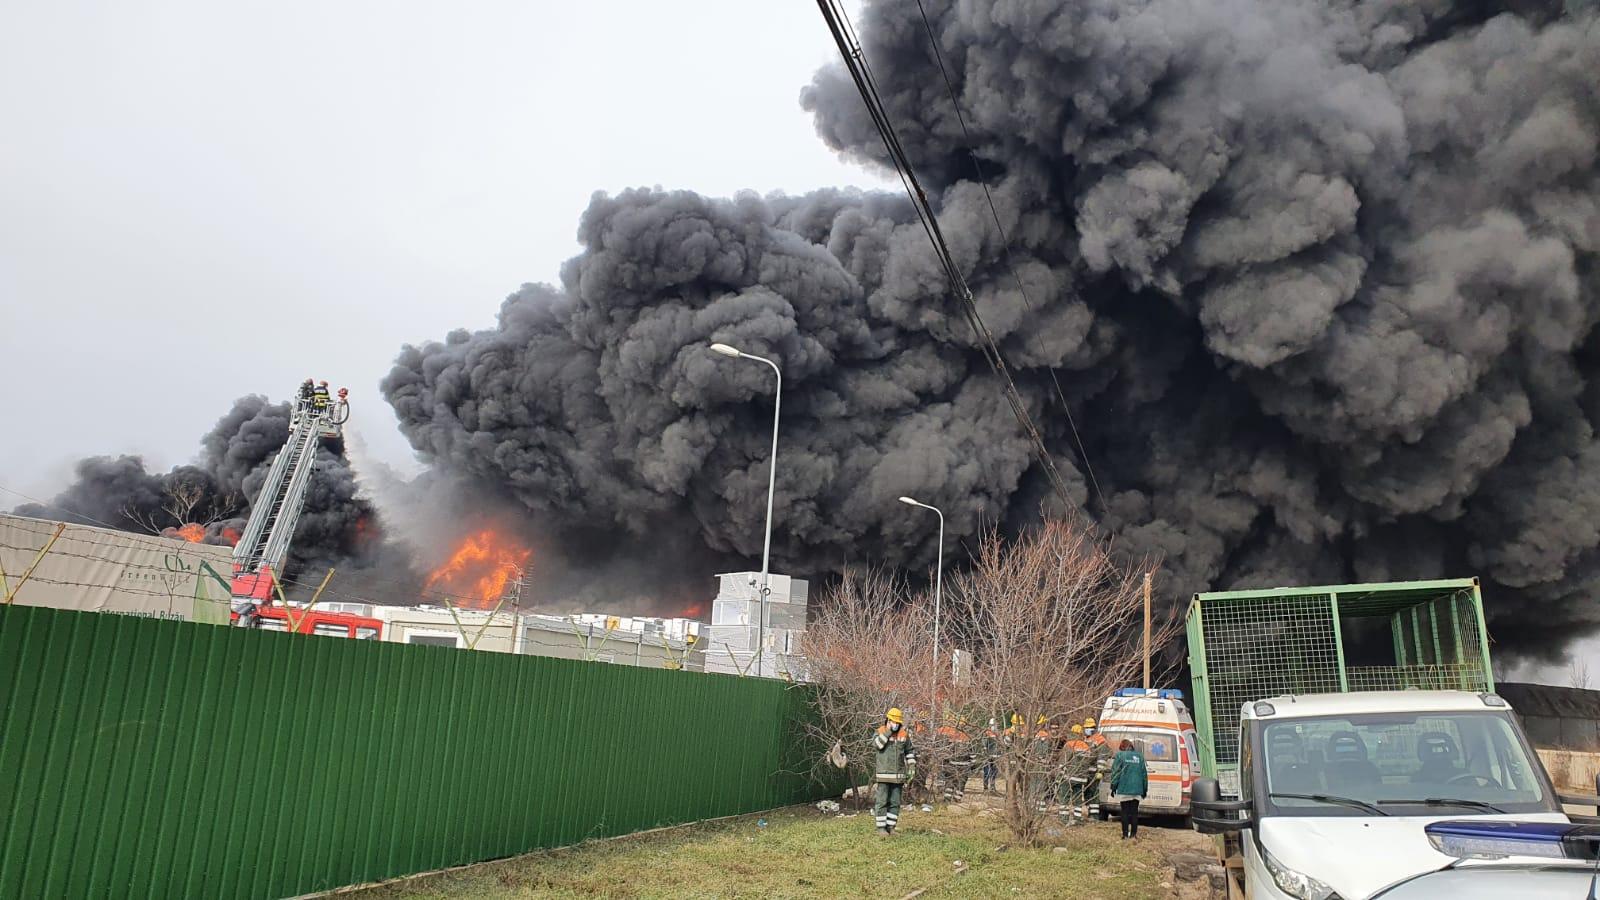 Incendiu puternic în Buzău, unde o hală a fost cuprinsă de flăcări. Populația, avertizată printr-un mesaj RO-ALERT